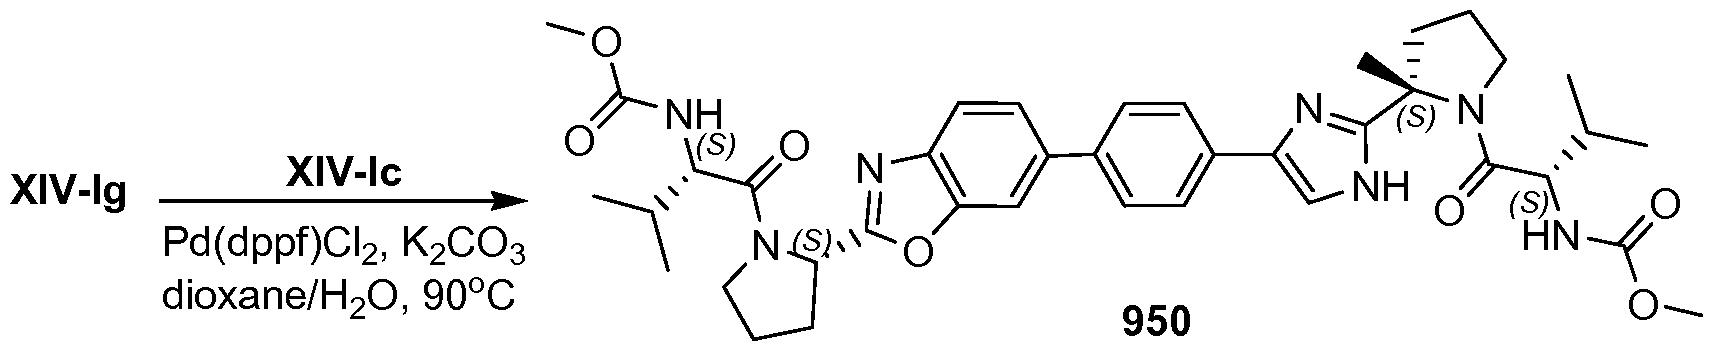 Figure imgf000126_0002